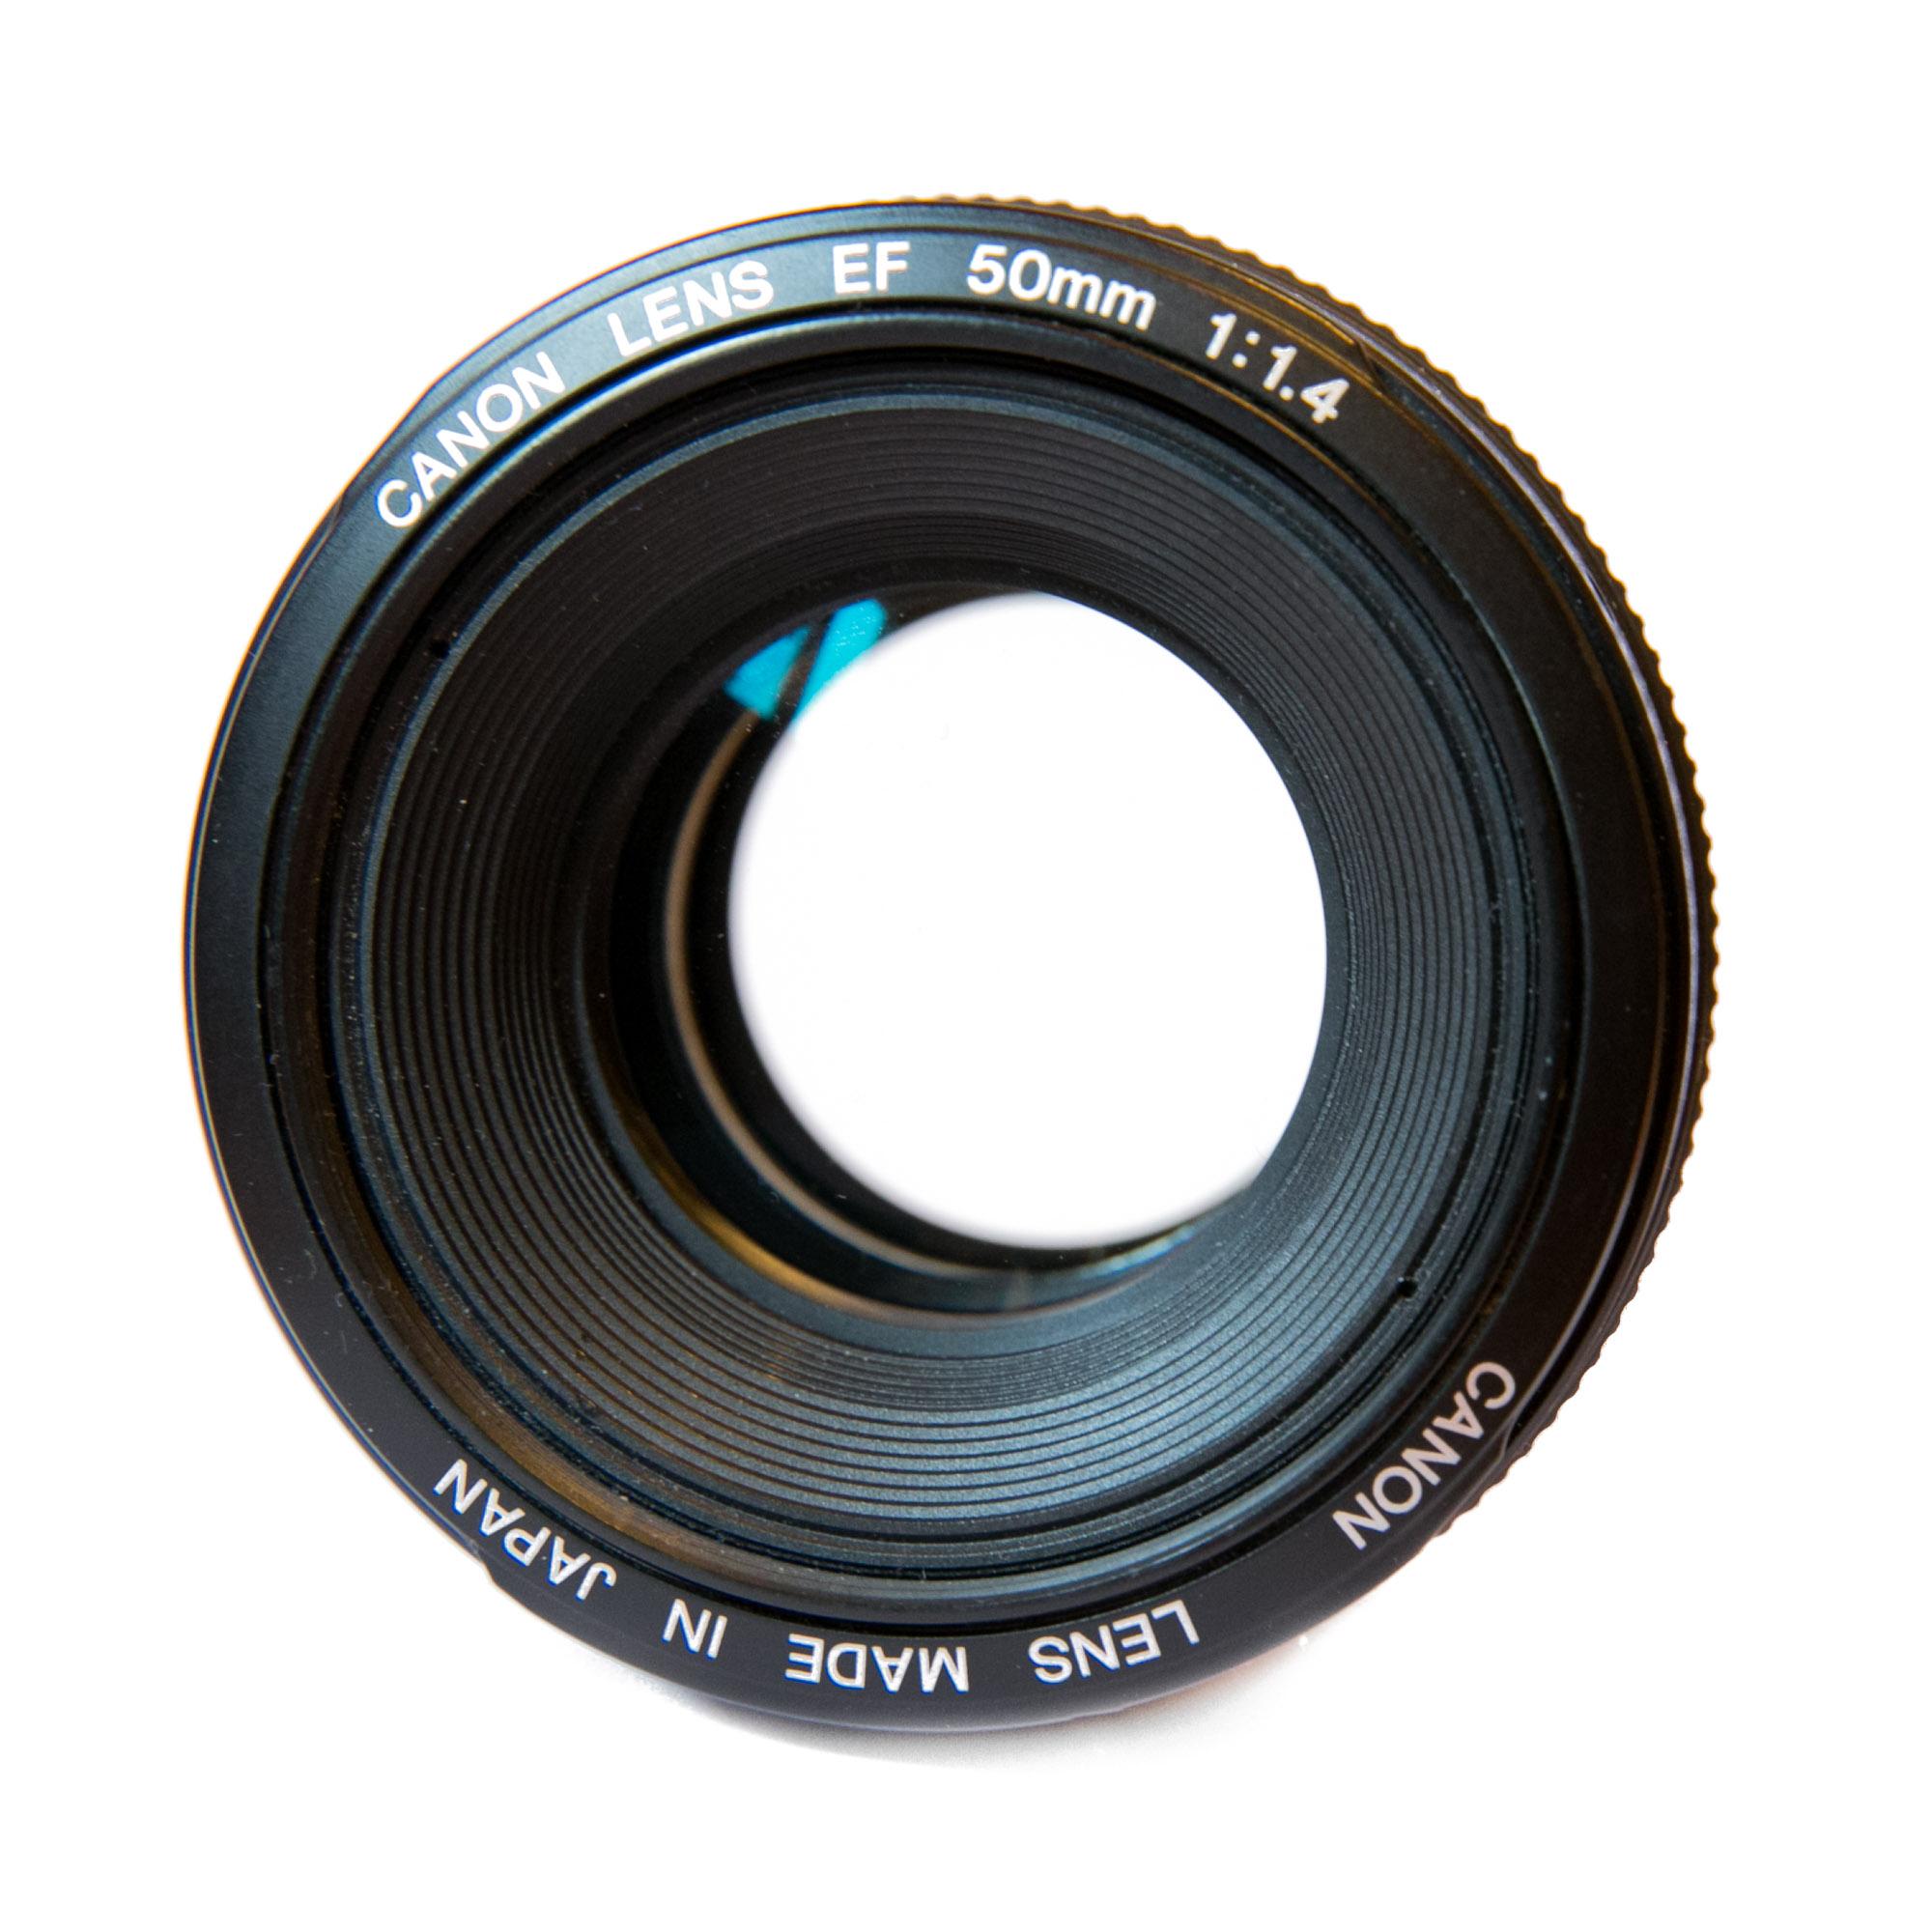 Mein treues 50mm Objektiv und ich haben schon vieles miteinander erlebt, doch leider ist die Gauss-Typ Konstruktion der Optik nicht mehr am aktuellen Stand der Technik.